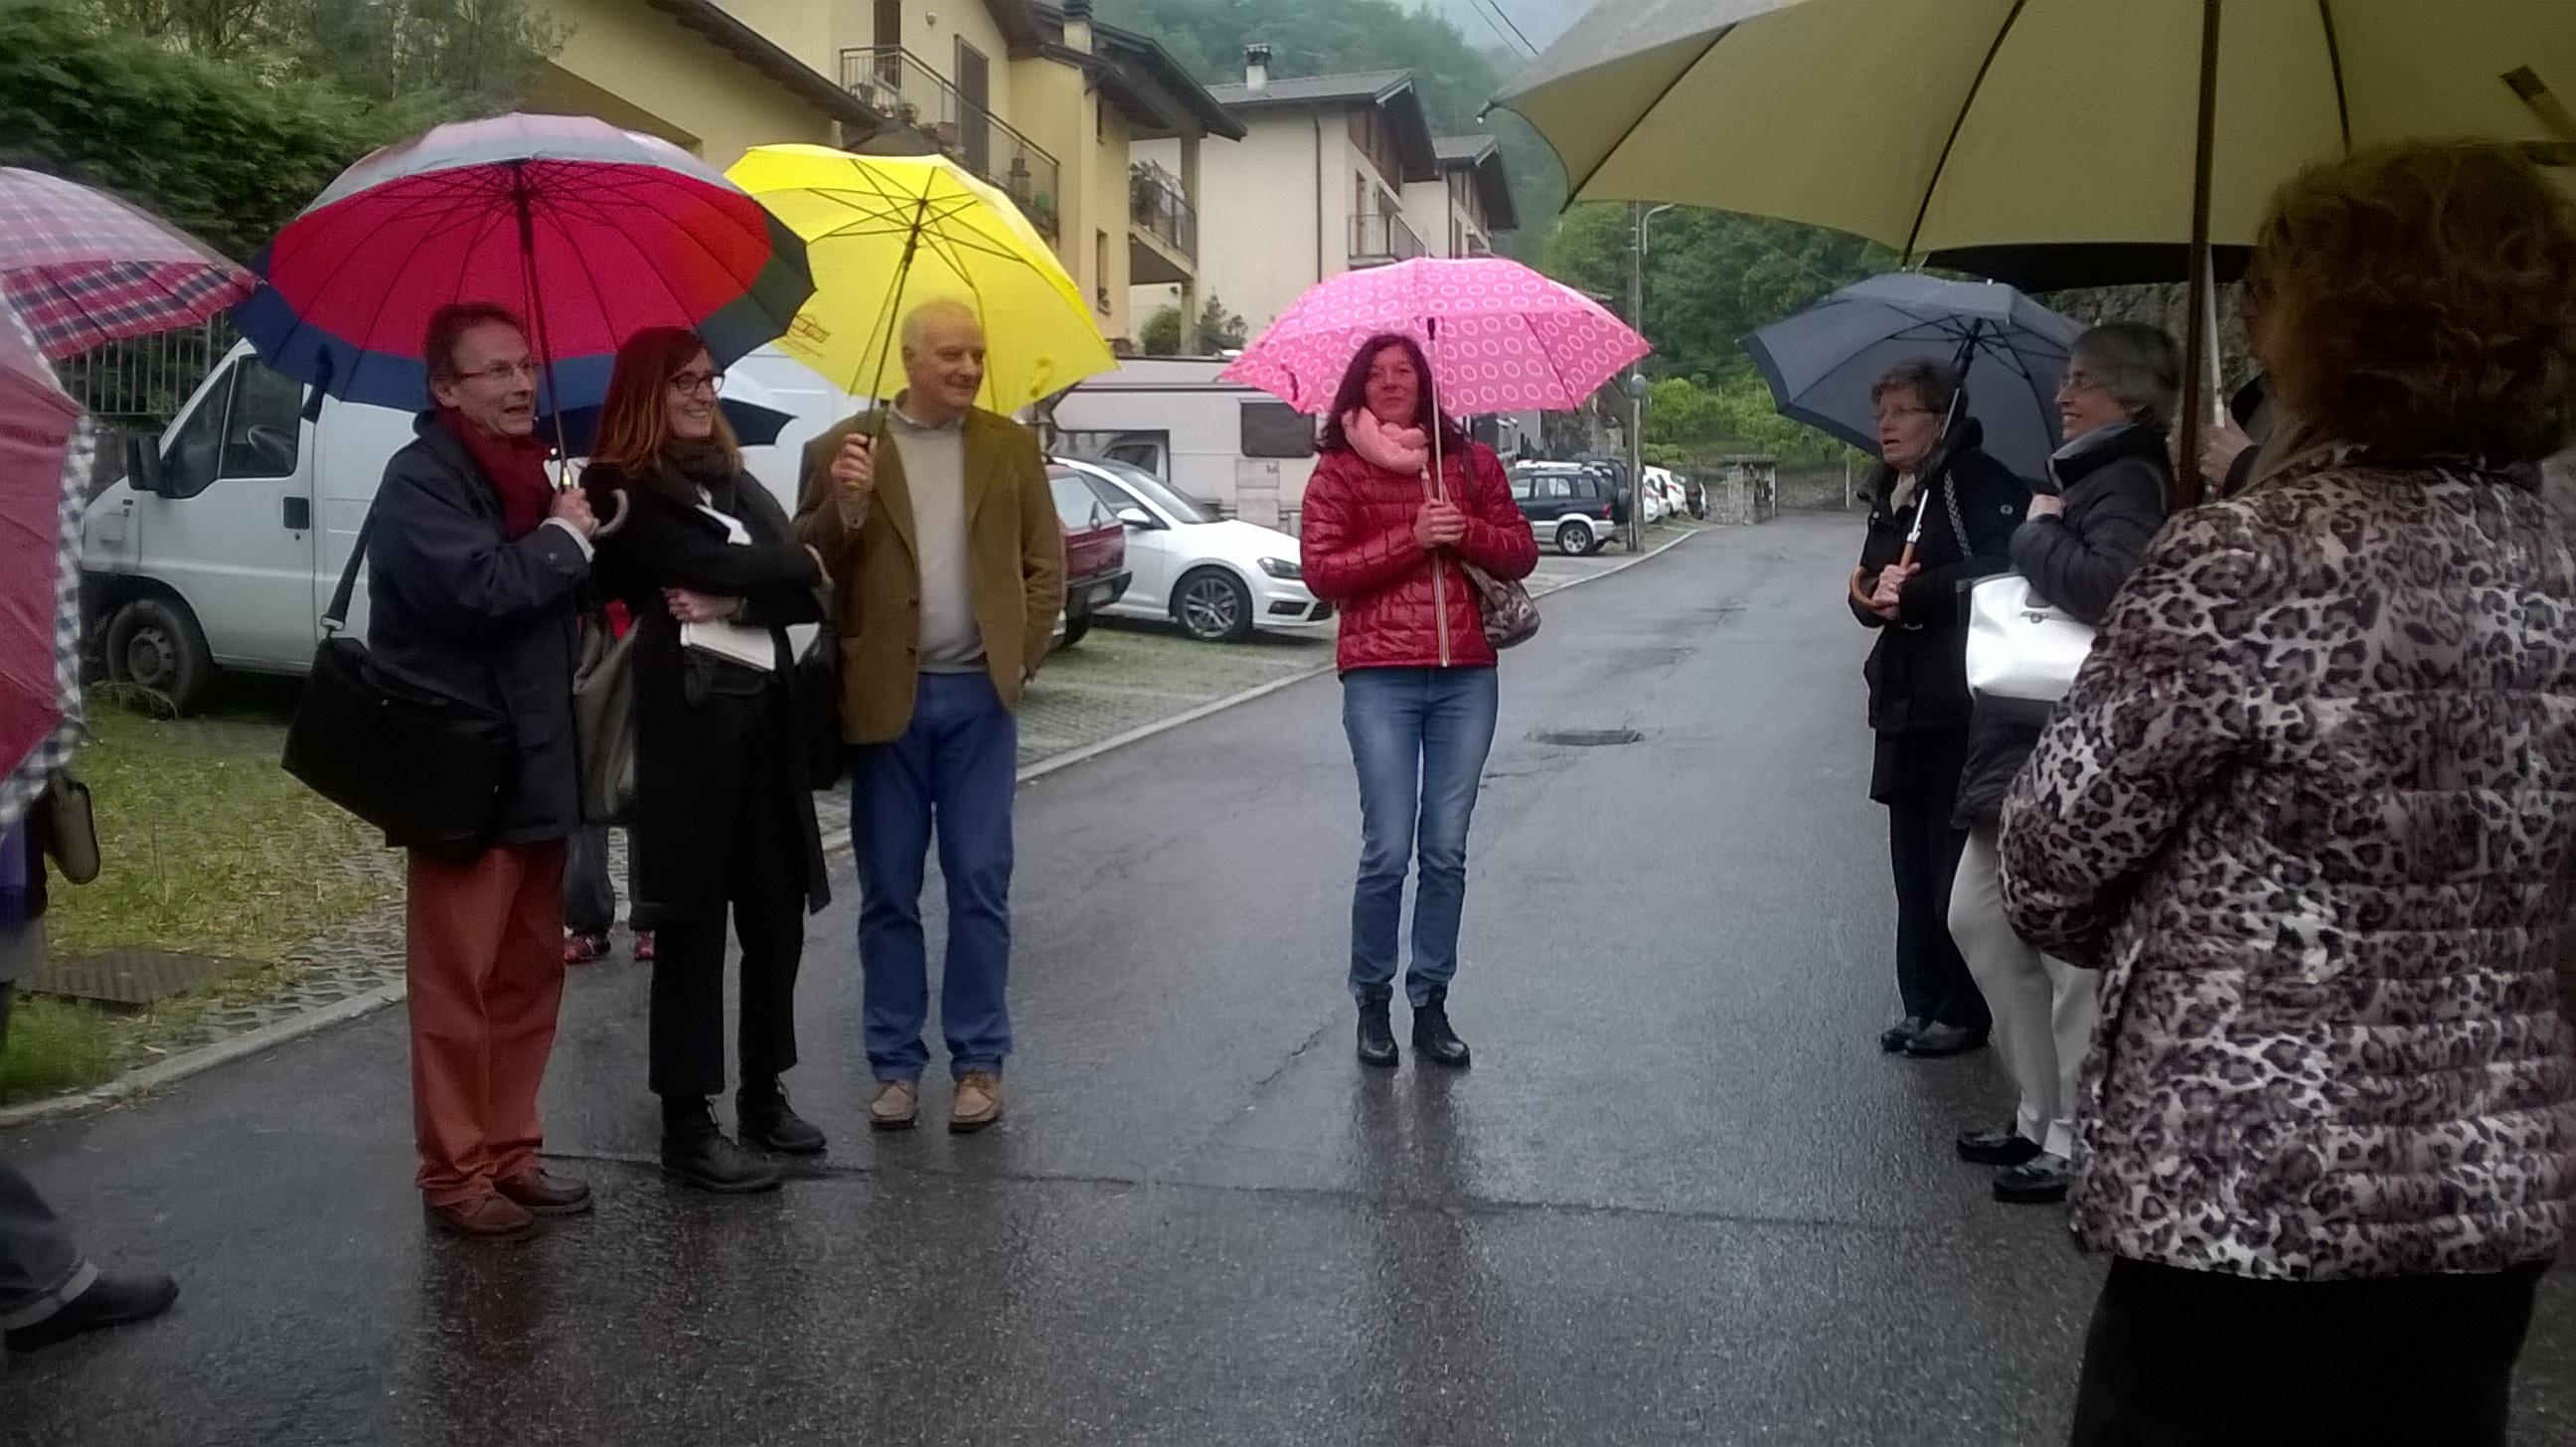 2_visita guidata alla villa Nobili e inaugurazione Mostra Aldo Caprani lunedì 1° maggio 2017 (1)